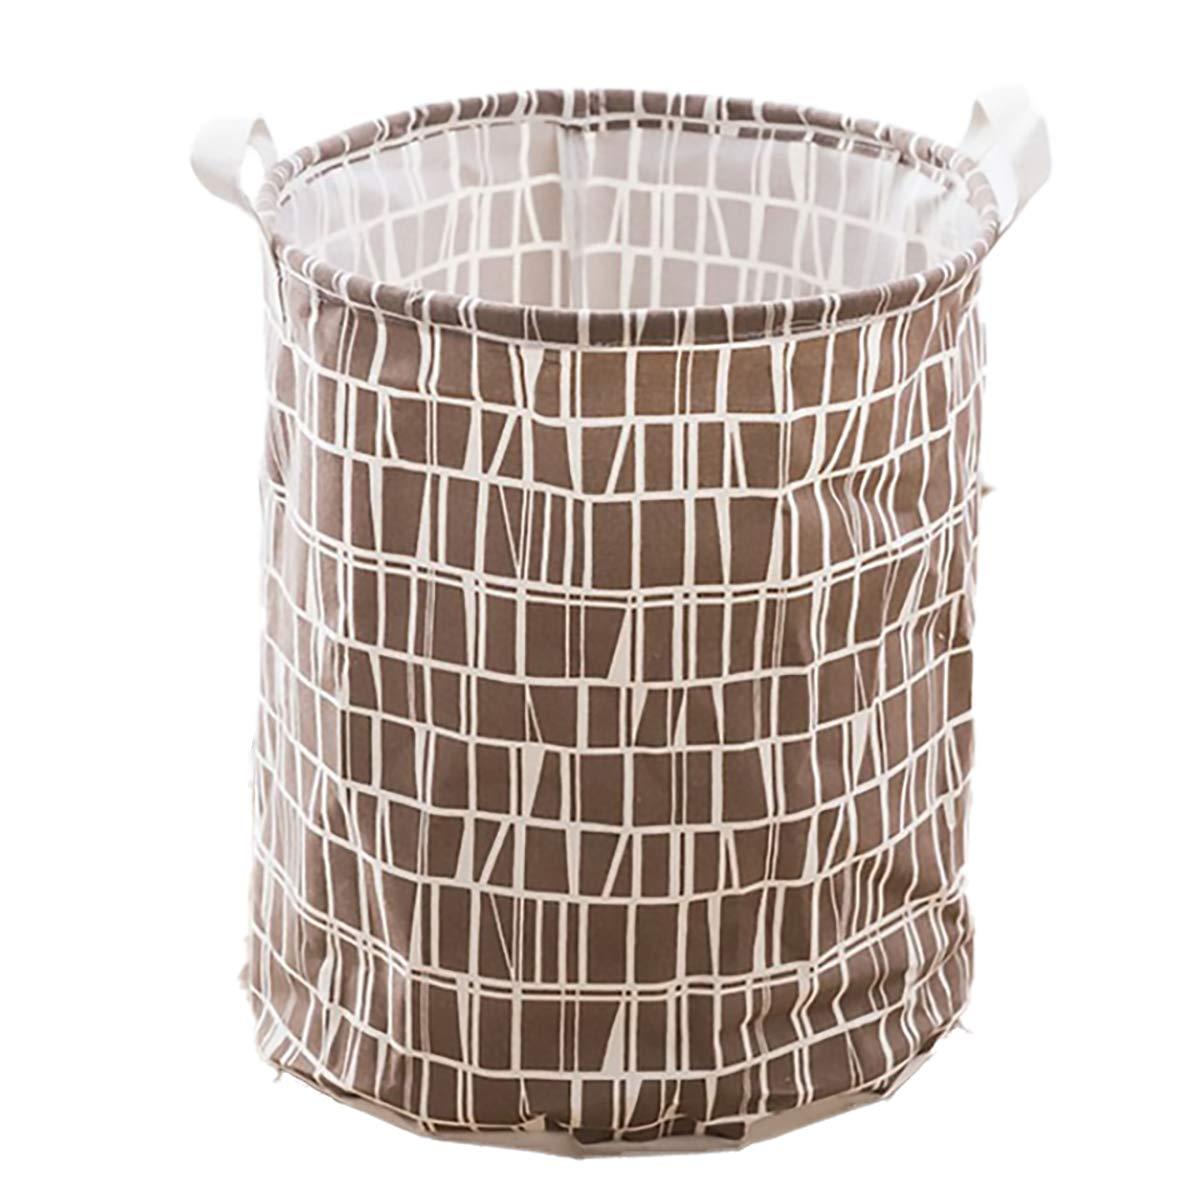 Bingo Cestas Plegables para la Colada Grandes Resistente al Agua y Redondo Interior con cord/ón para la Ropa Disponible 38 cm y 43 cm de Altura Soporte para Ropa Sucia Plegable ecol/ógico